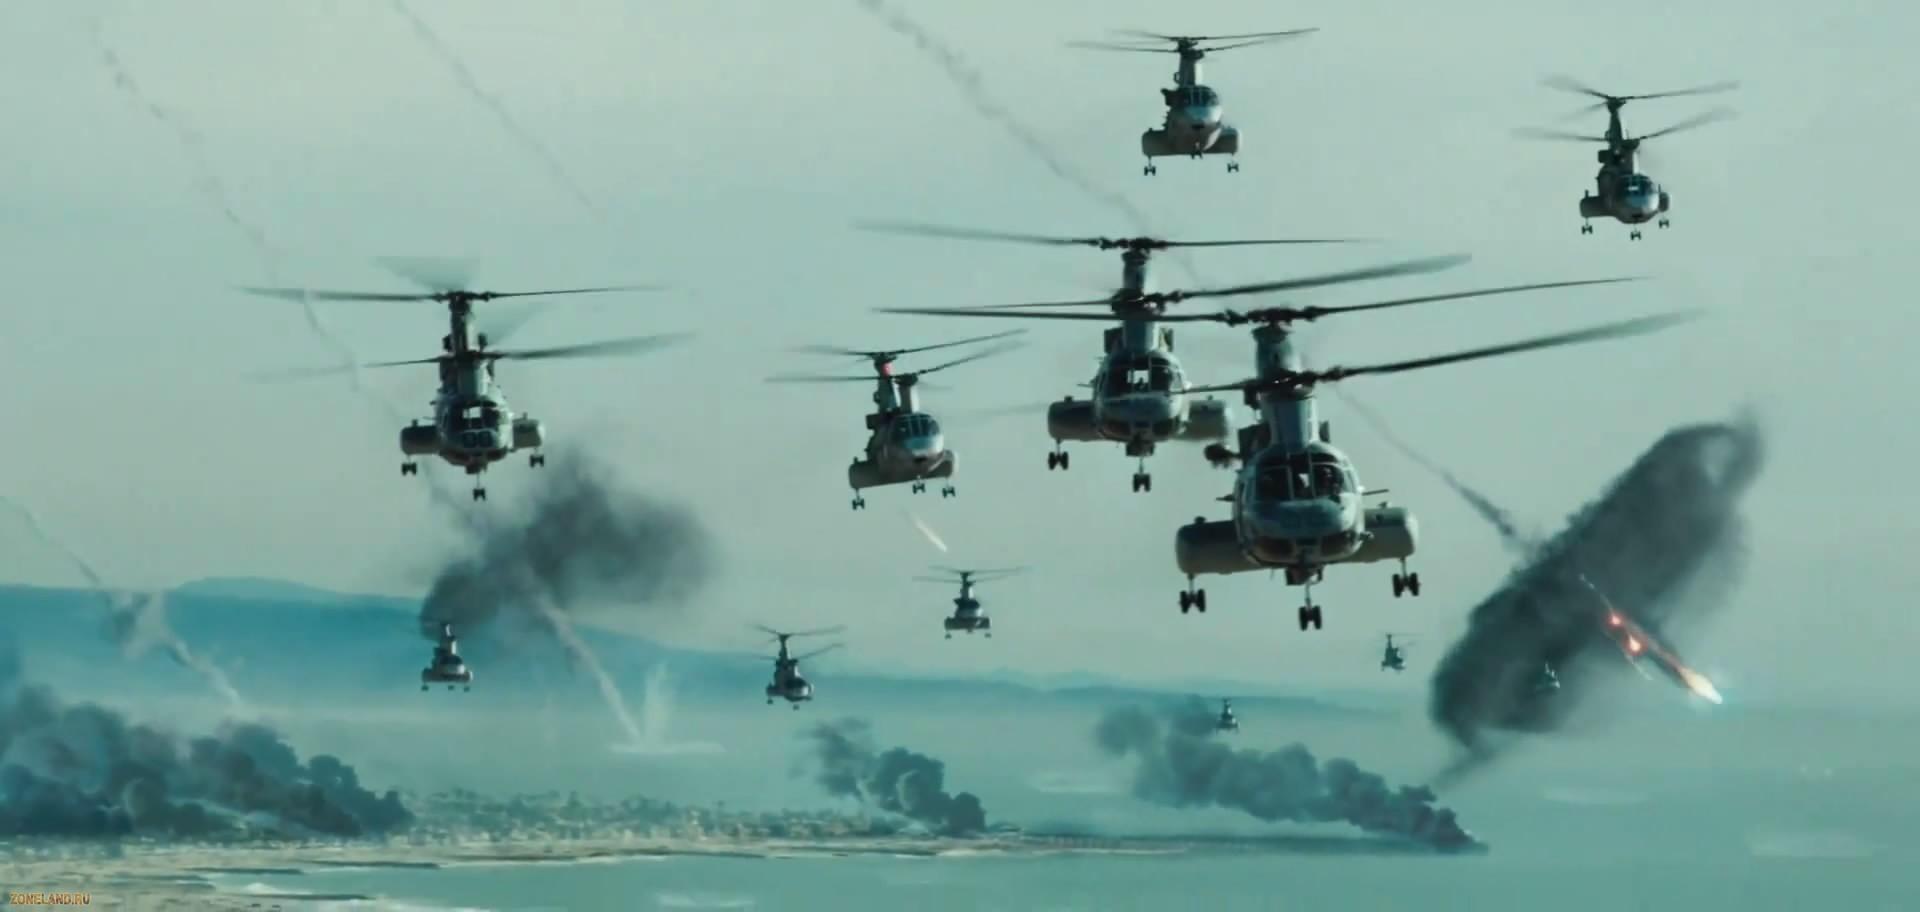 Фильм Battle: Los Angeles станет игрой